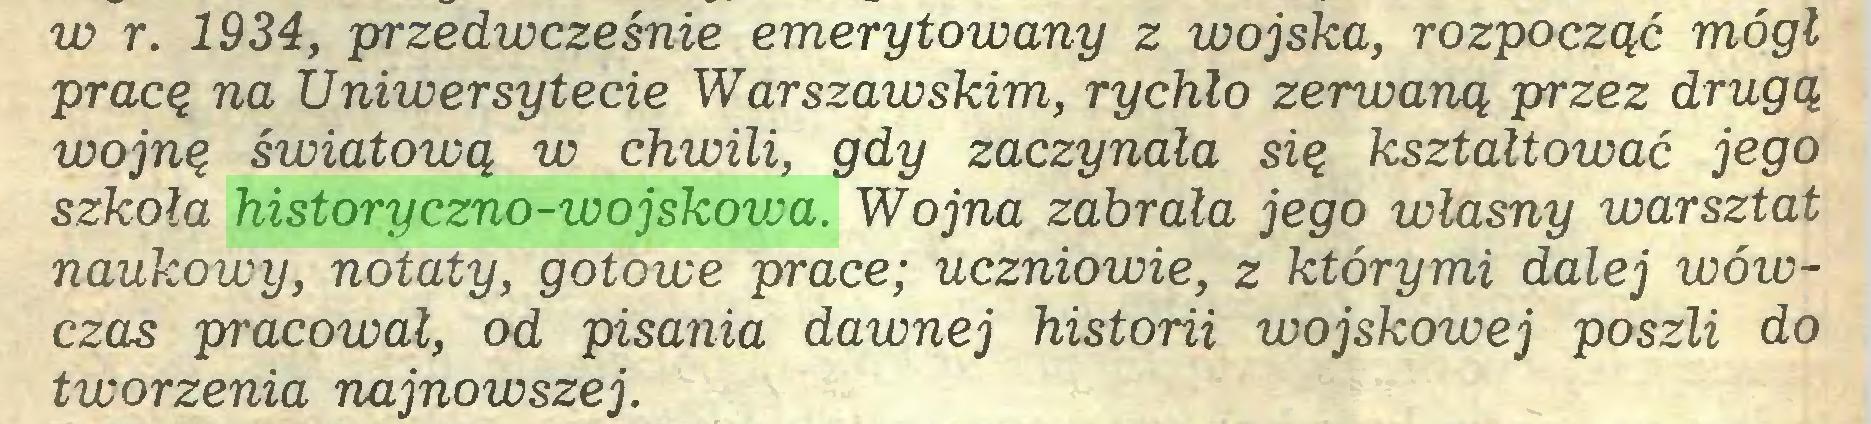 (...) w r. 1934, przedwcześnie emerytowany z wojska, rozpocząć mógł pracą na Uniwersytecie Warszawskim, rychło zerwaną przez drugą wojną światową w chwili, gdy zaczynała sią kształtować jego szkoła historyczno-wojskowa. Wojna zabrała jego własny warsztat naukowy, notaty, gotowe prace; uczniowie, z którymi dalej wówczas pracował, od pisania dawnej historii wojskowej poszli do tworzenia najnowszej...